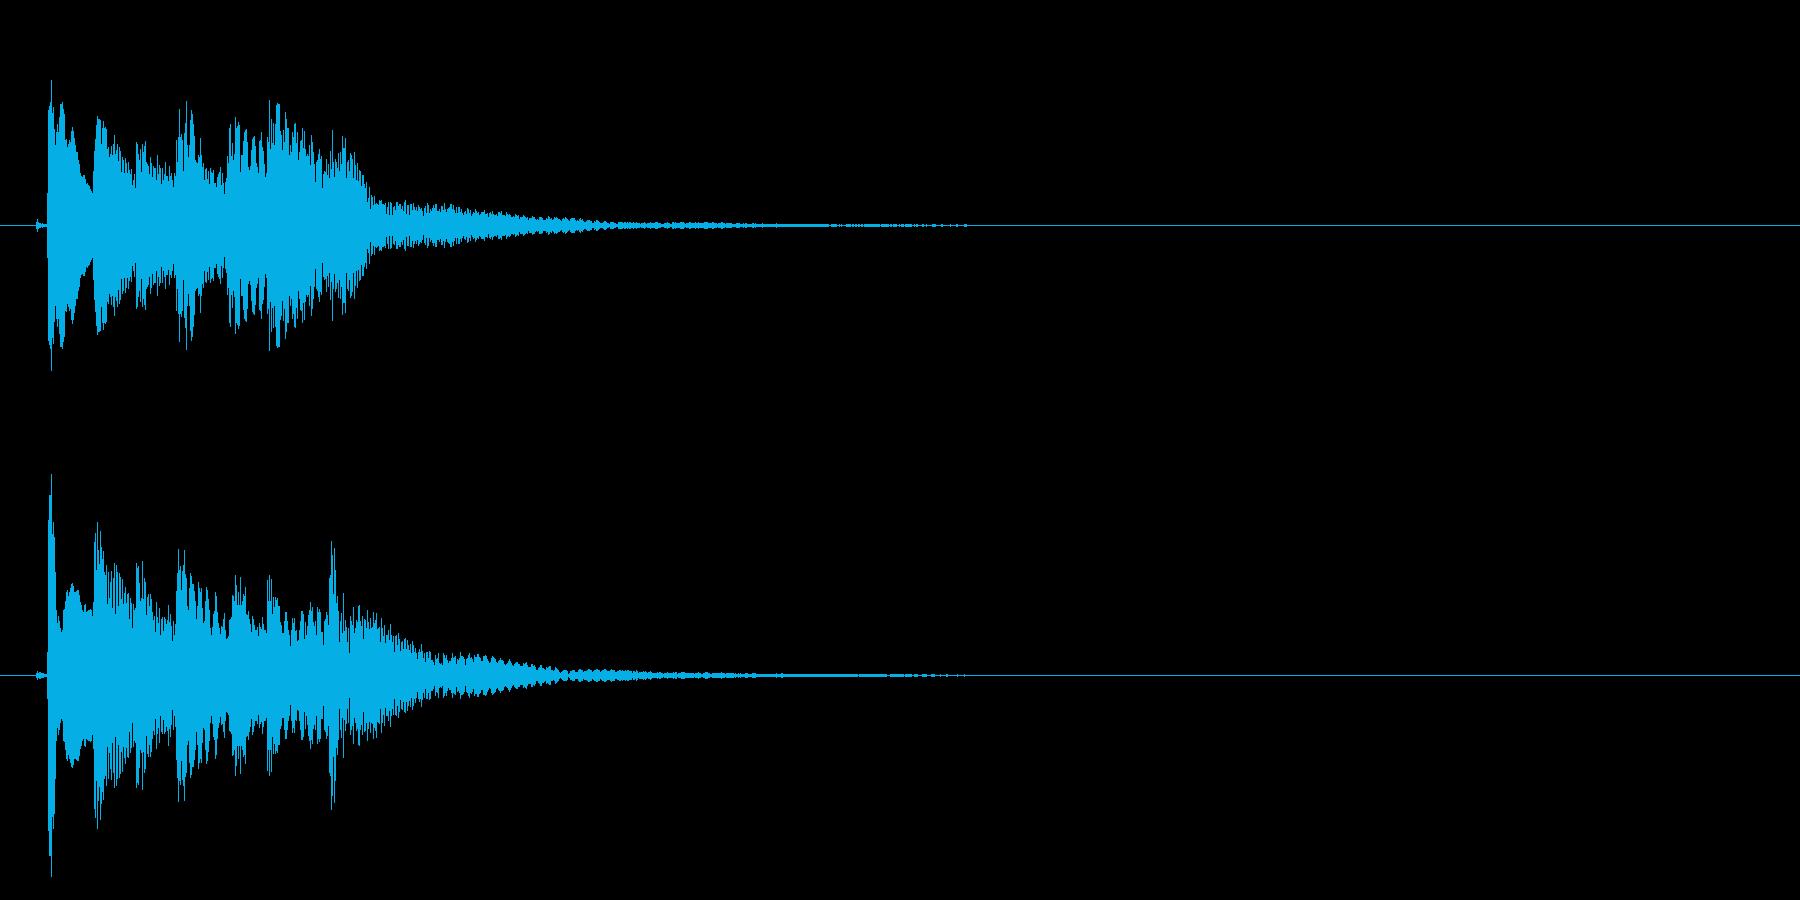 琴のフレーズ2☆調律1の再生済みの波形